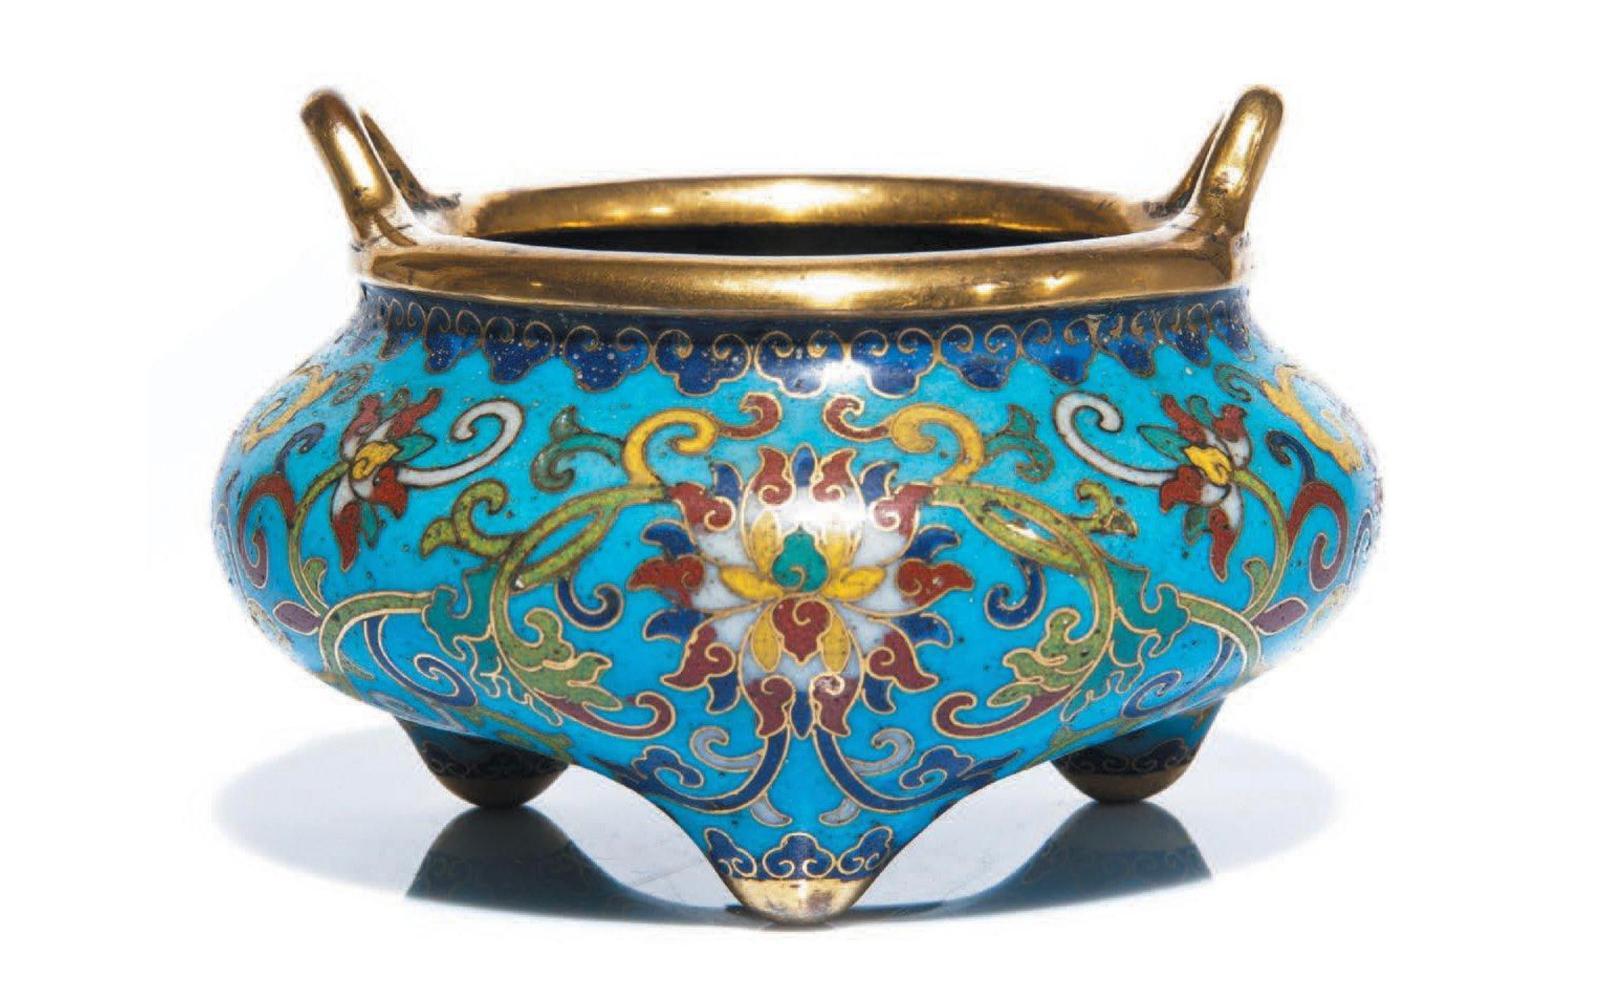 Chine, époque Qianlong (1736-1795). Brûle-parfum tripode en bronze doré et émaux cloisonnés, décoré en polychromie de fleurs de lotus bouddhiques sur